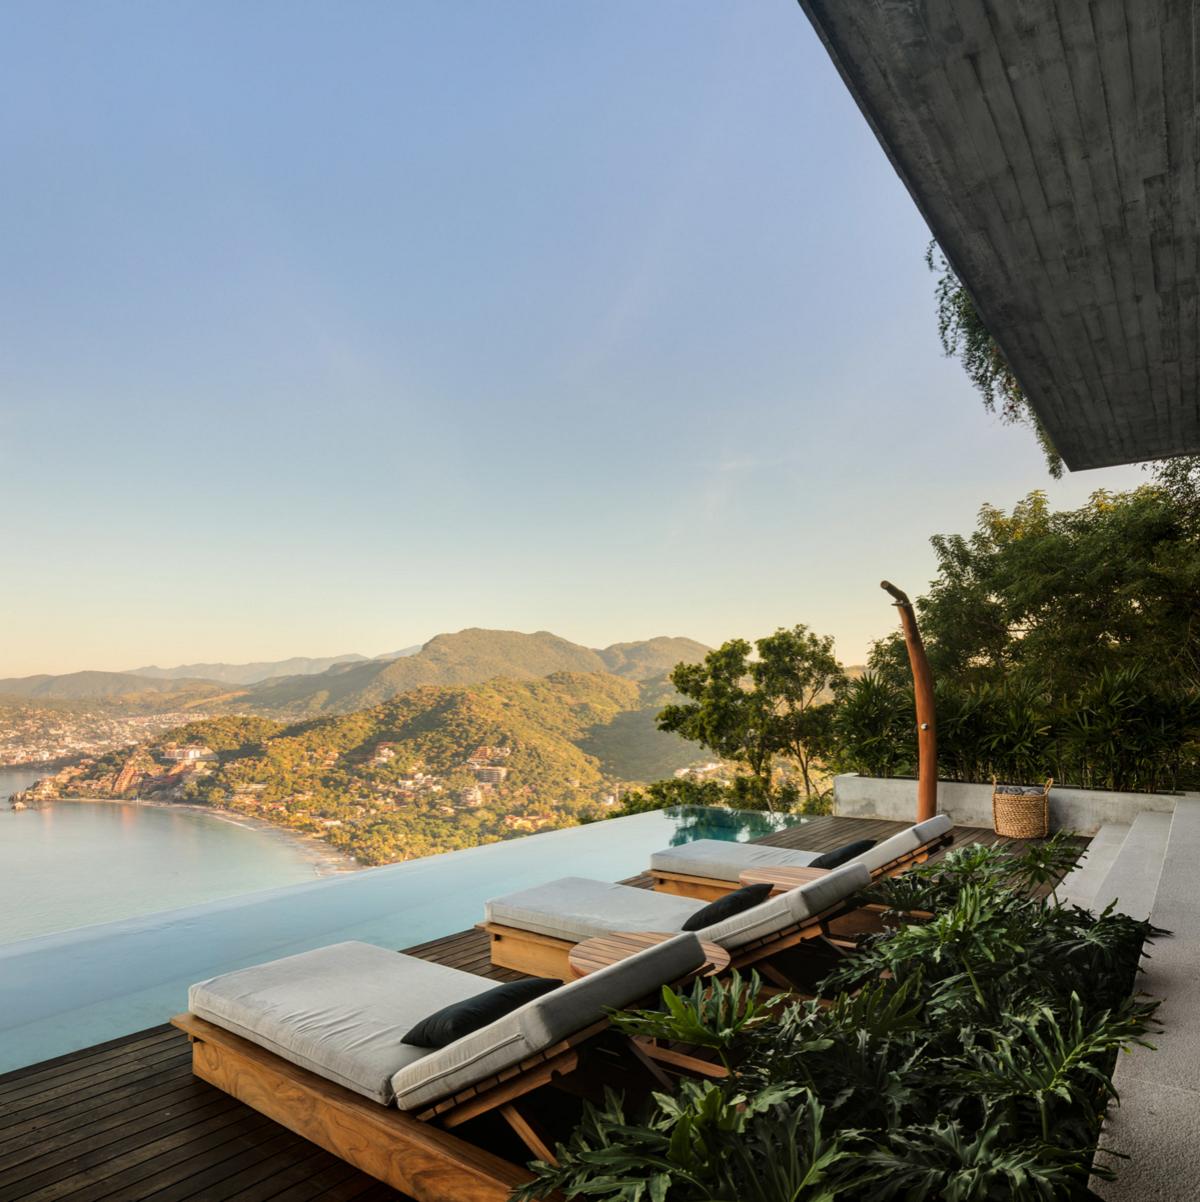 Tối giản để tận hưởng trong thiết kế | Zozaya Arquitectos